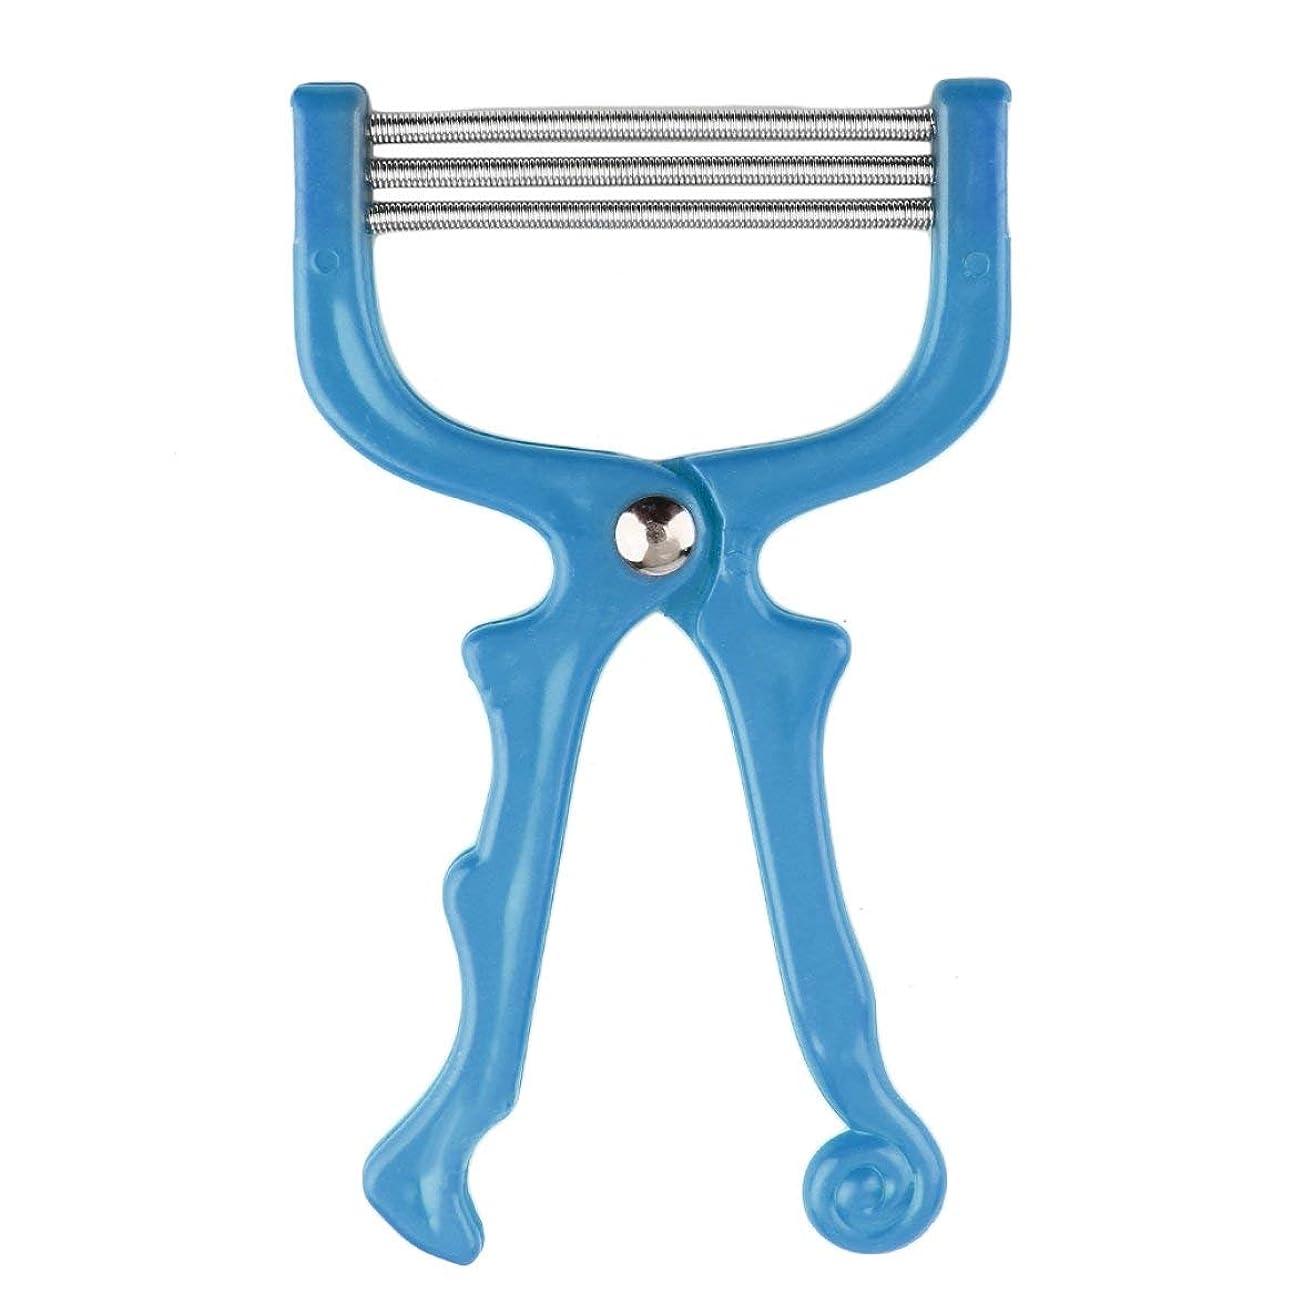 スタウト解放接続された安全なハンドヘルドスプリングローラー女性の顔の顔の脱毛脱毛器美容脱毛器エピローラーフェイスケアマッサージャー-ブルー